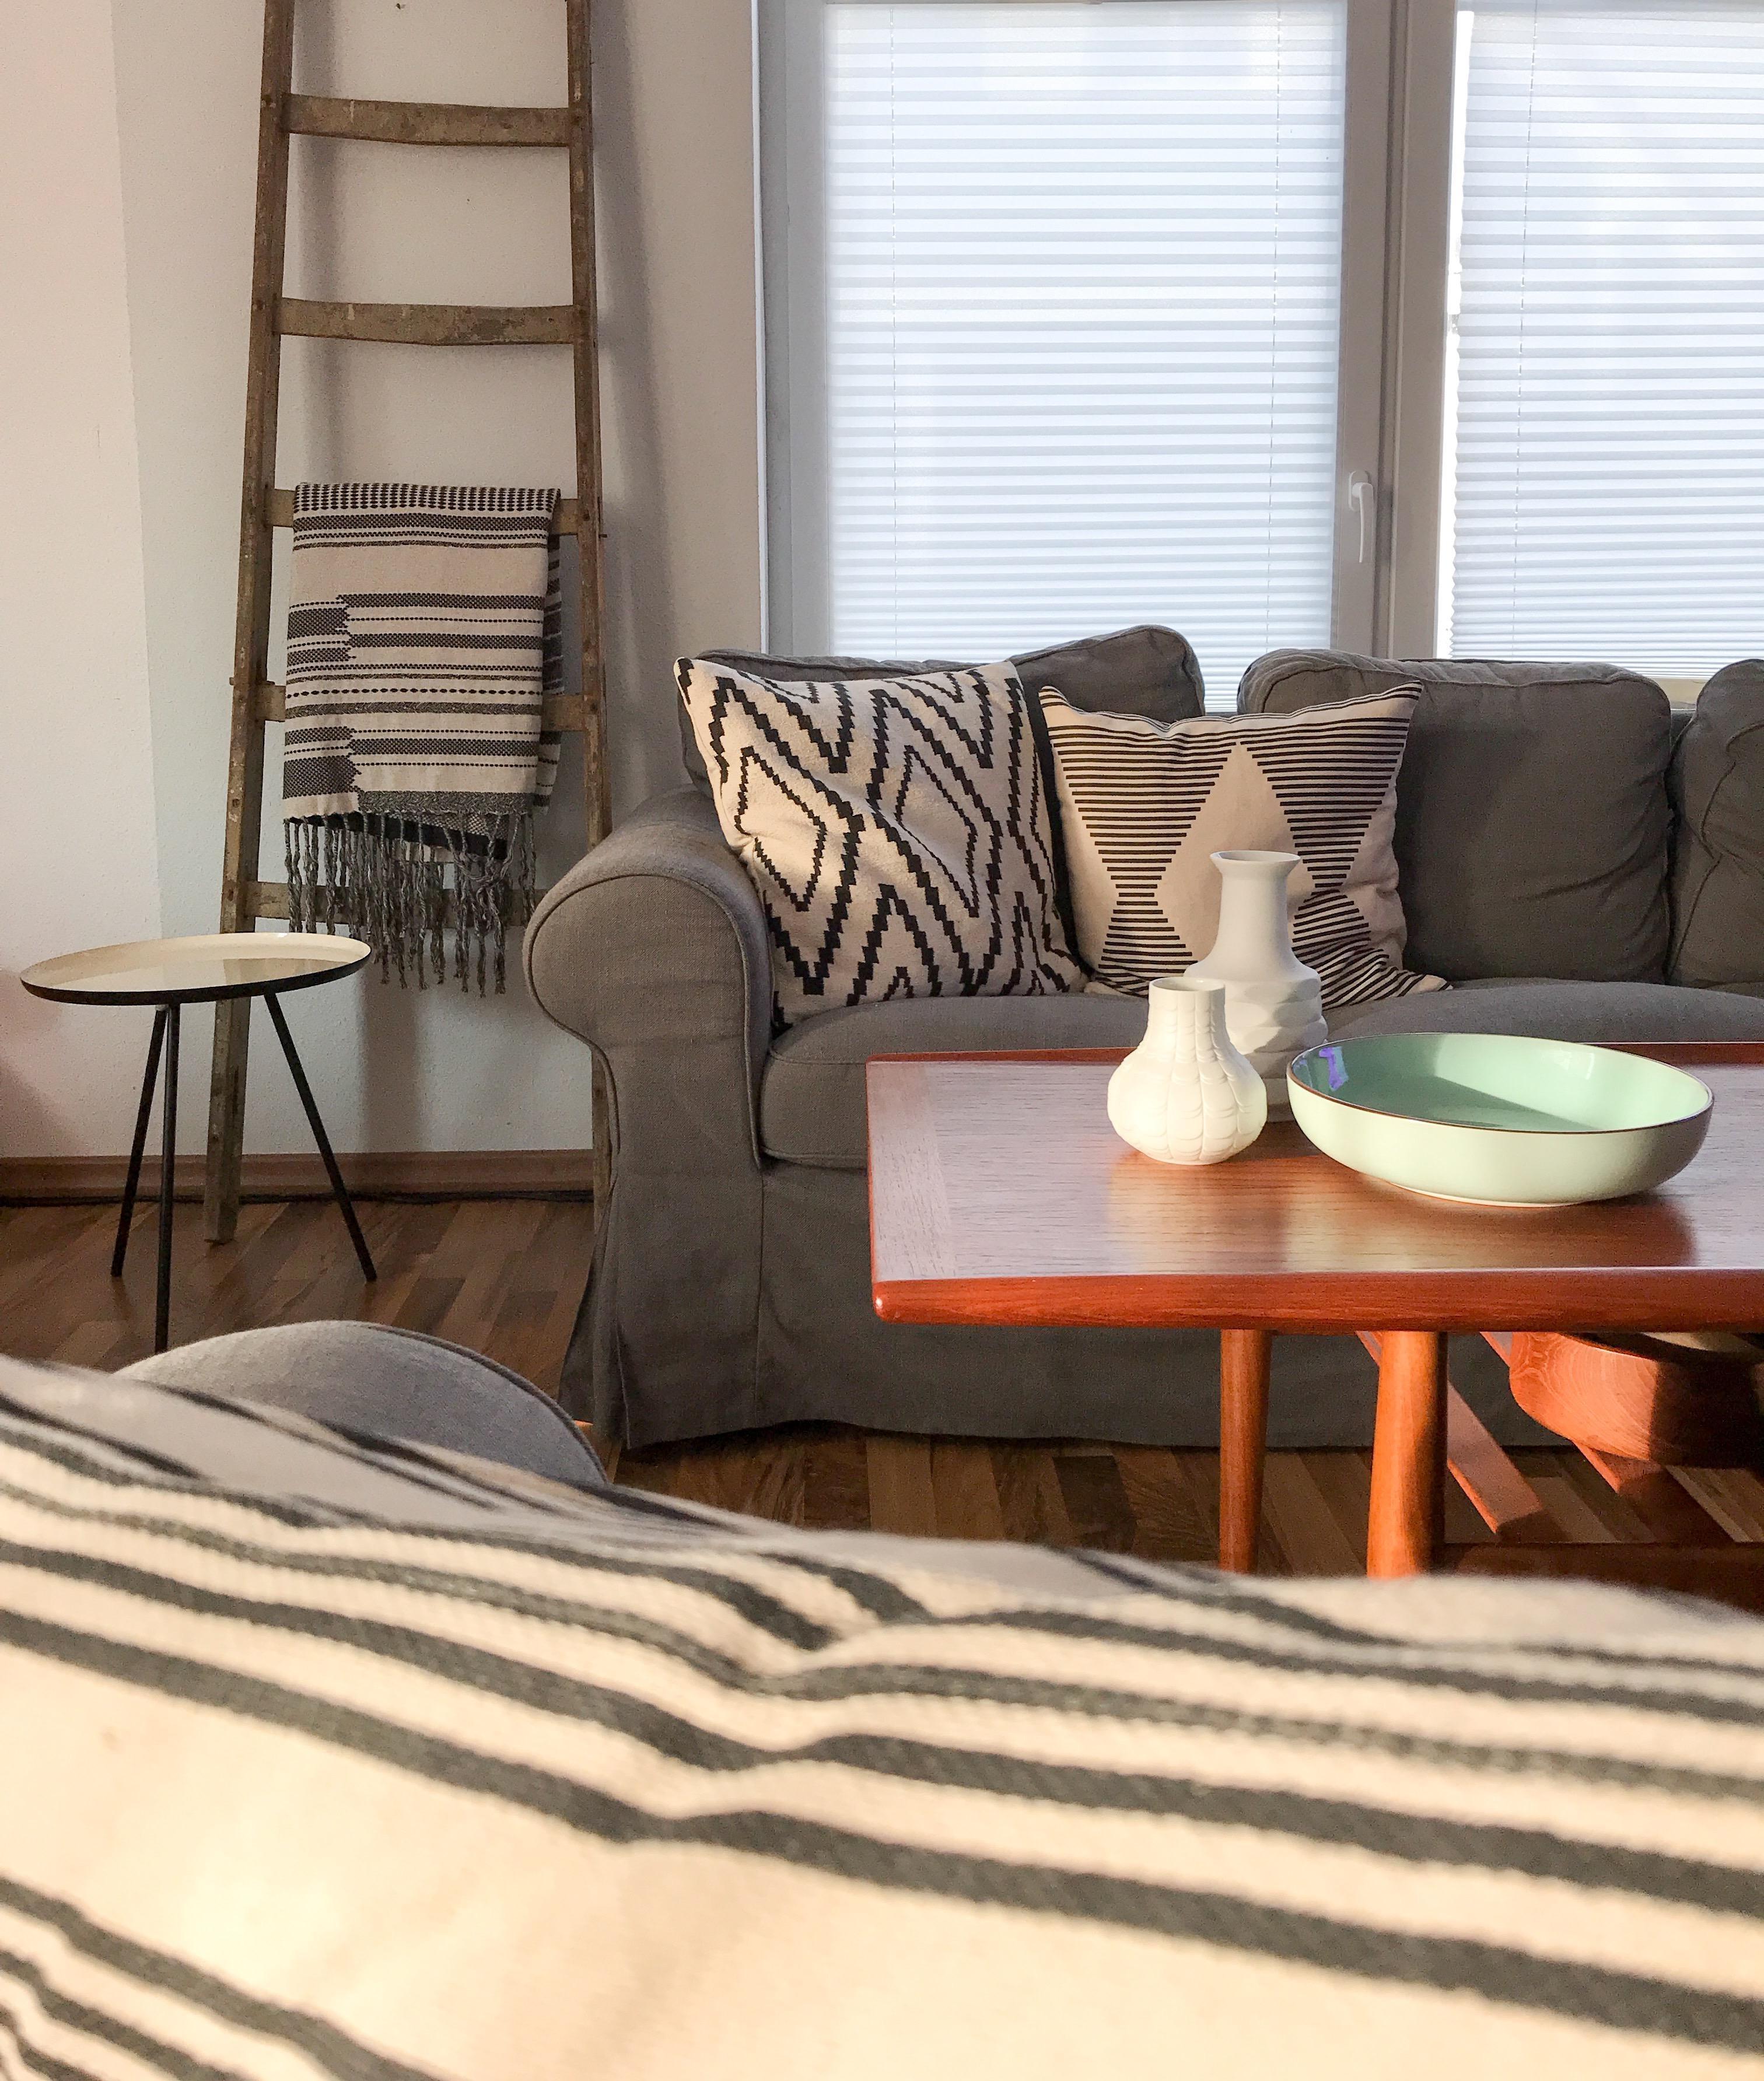 Unsere Sitzecke Im #wohnzimmer Ist Ein Mix Aus Alt Und Neu. #livingchallenge